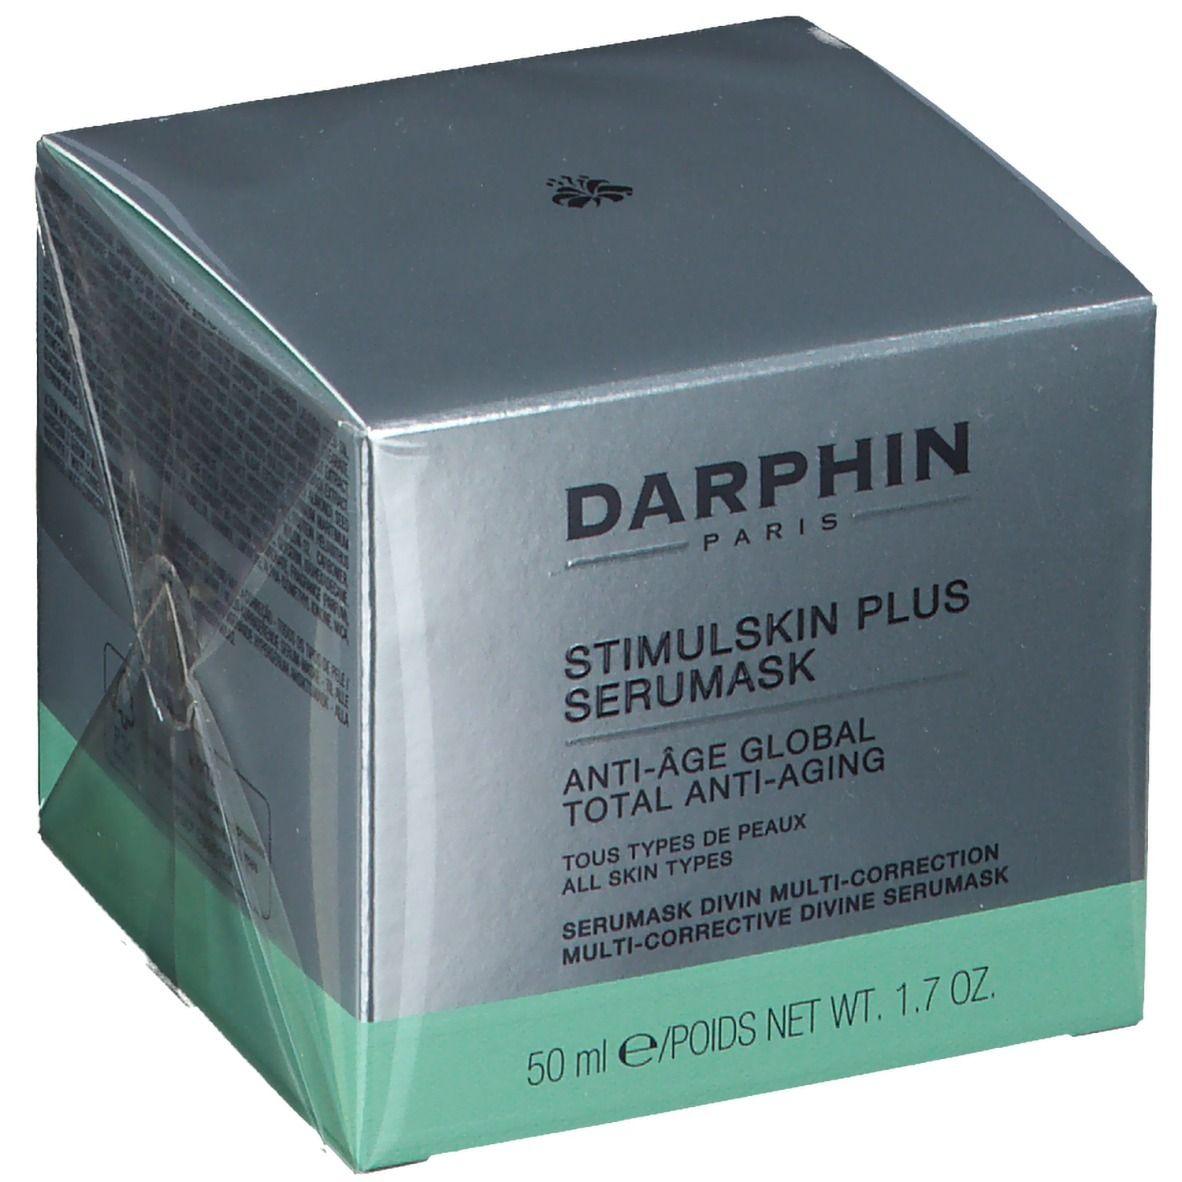 DARPHIN STIMULSKIN PLUS - Serumask Divin Multi-correction